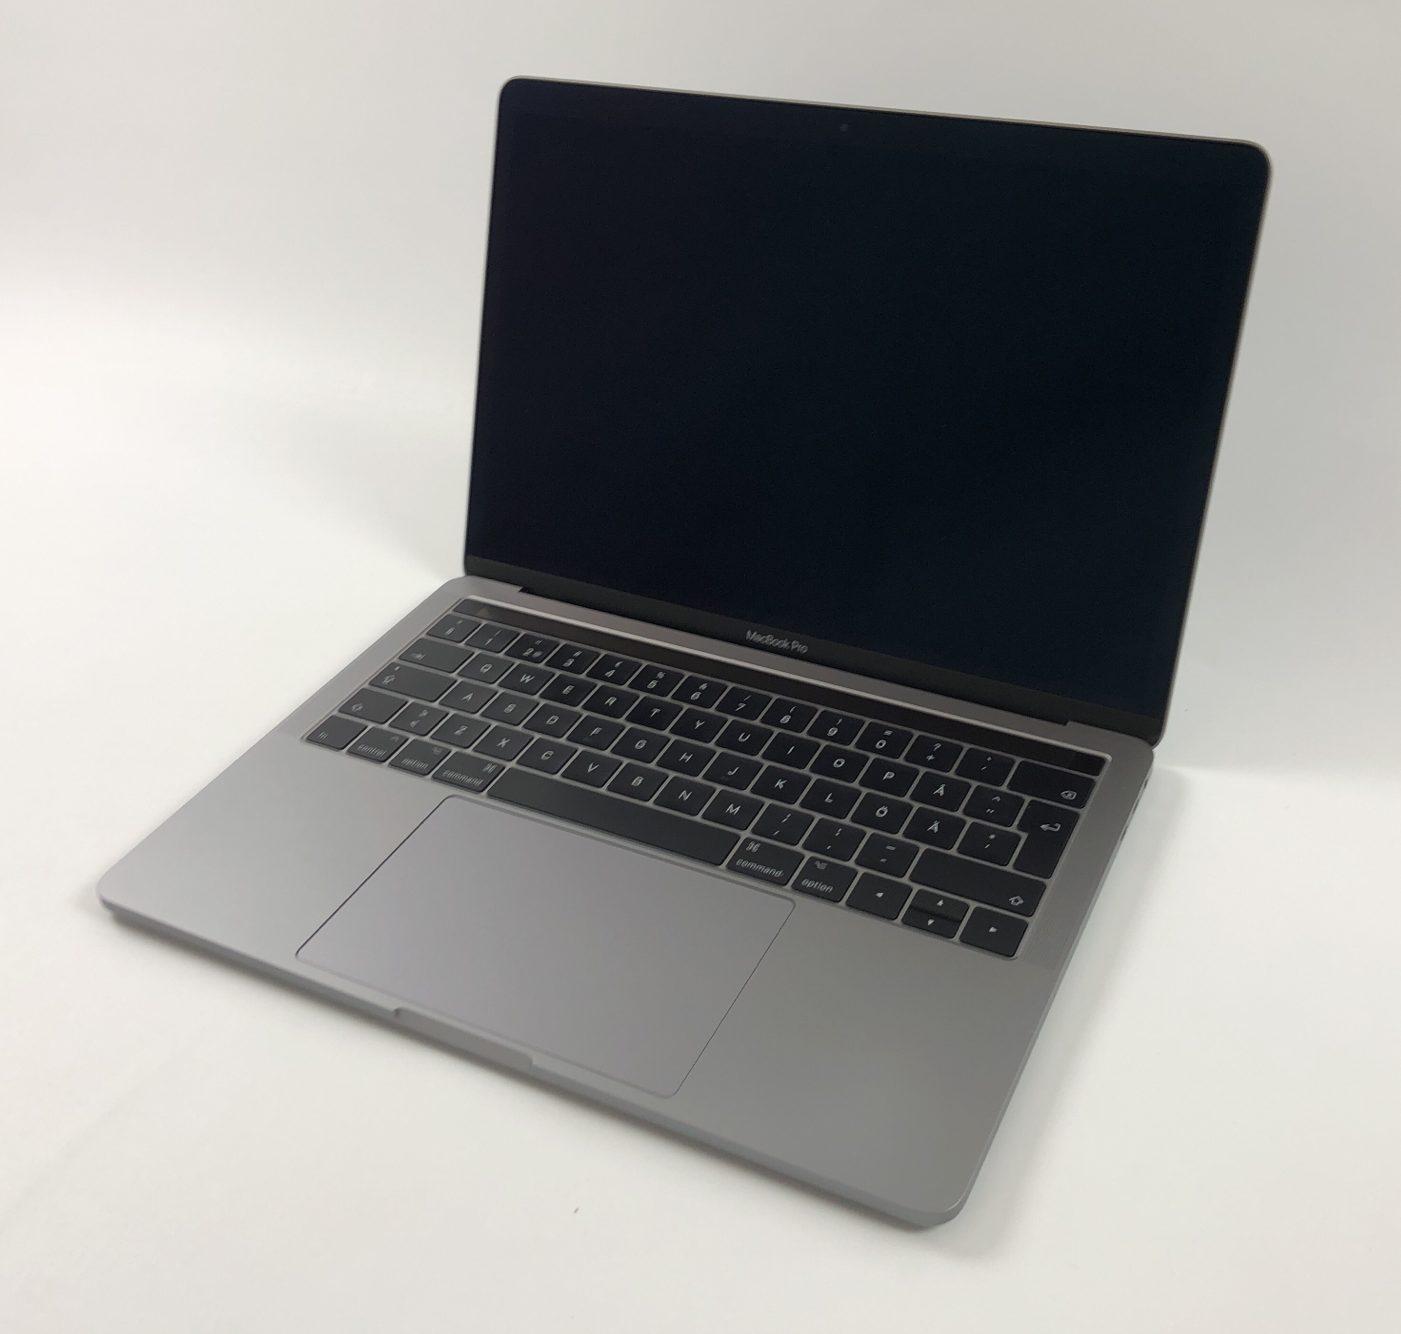 """MacBook Pro 13"""" 4TBT Mid 2017 (Intel Core i5 3.1 GHz 8 GB RAM 256 GB SSD), Space Gray, Intel Core i5 3.1 GHz, 8 GB RAM, 256 GB SSD, Kuva 1"""